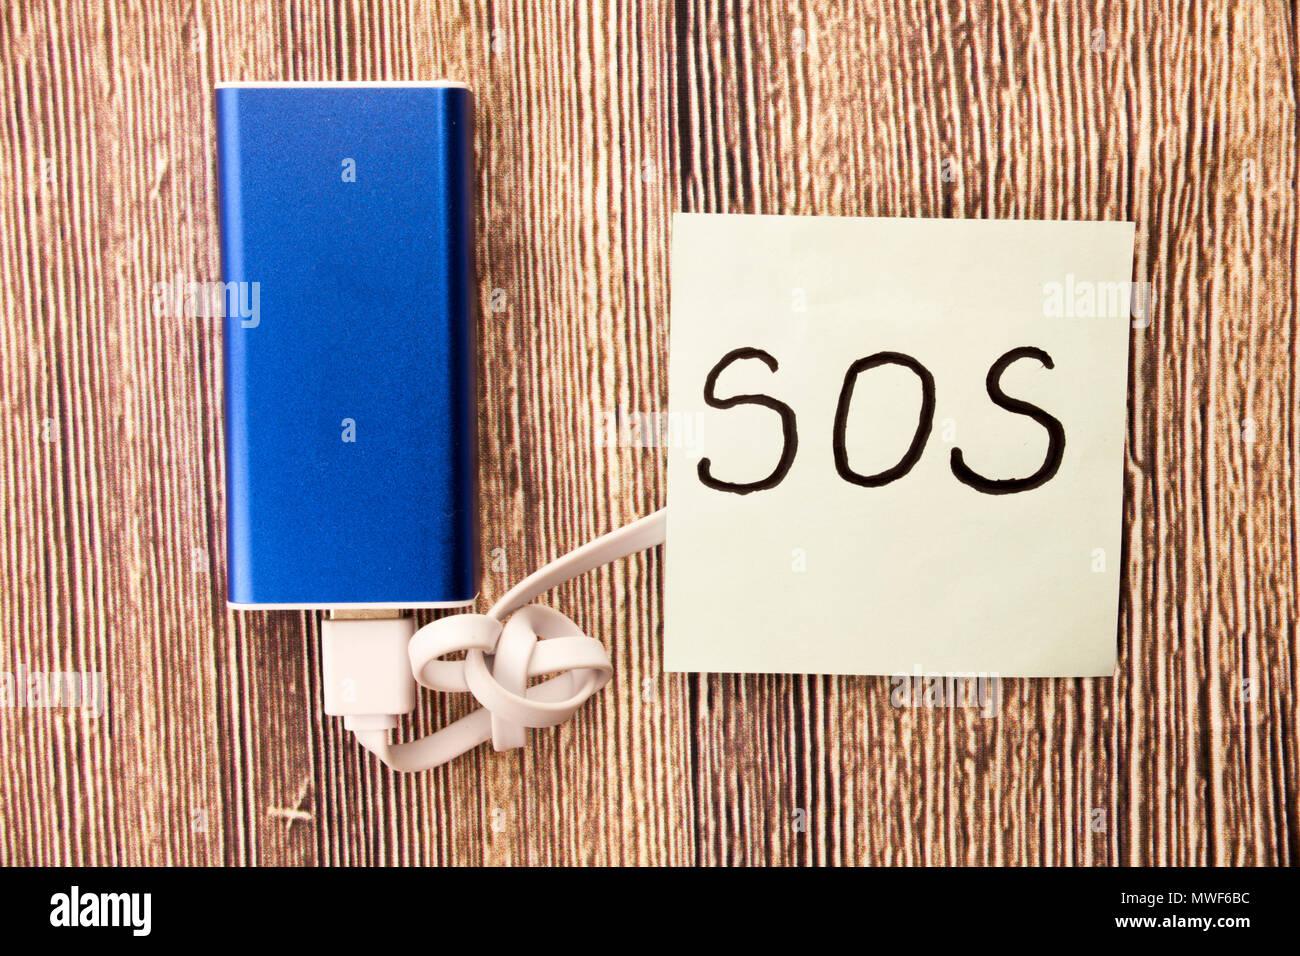 SOS handschriftliche Wort auf weißem Papier oben retro Holz- Rinde Hintergrund. Konzept mit Hilfe Zeichen auf dem weißen Papier. Speichern unsere Seelen handschriftlichen Zeichen auf dem weißen Papier. Stockfoto